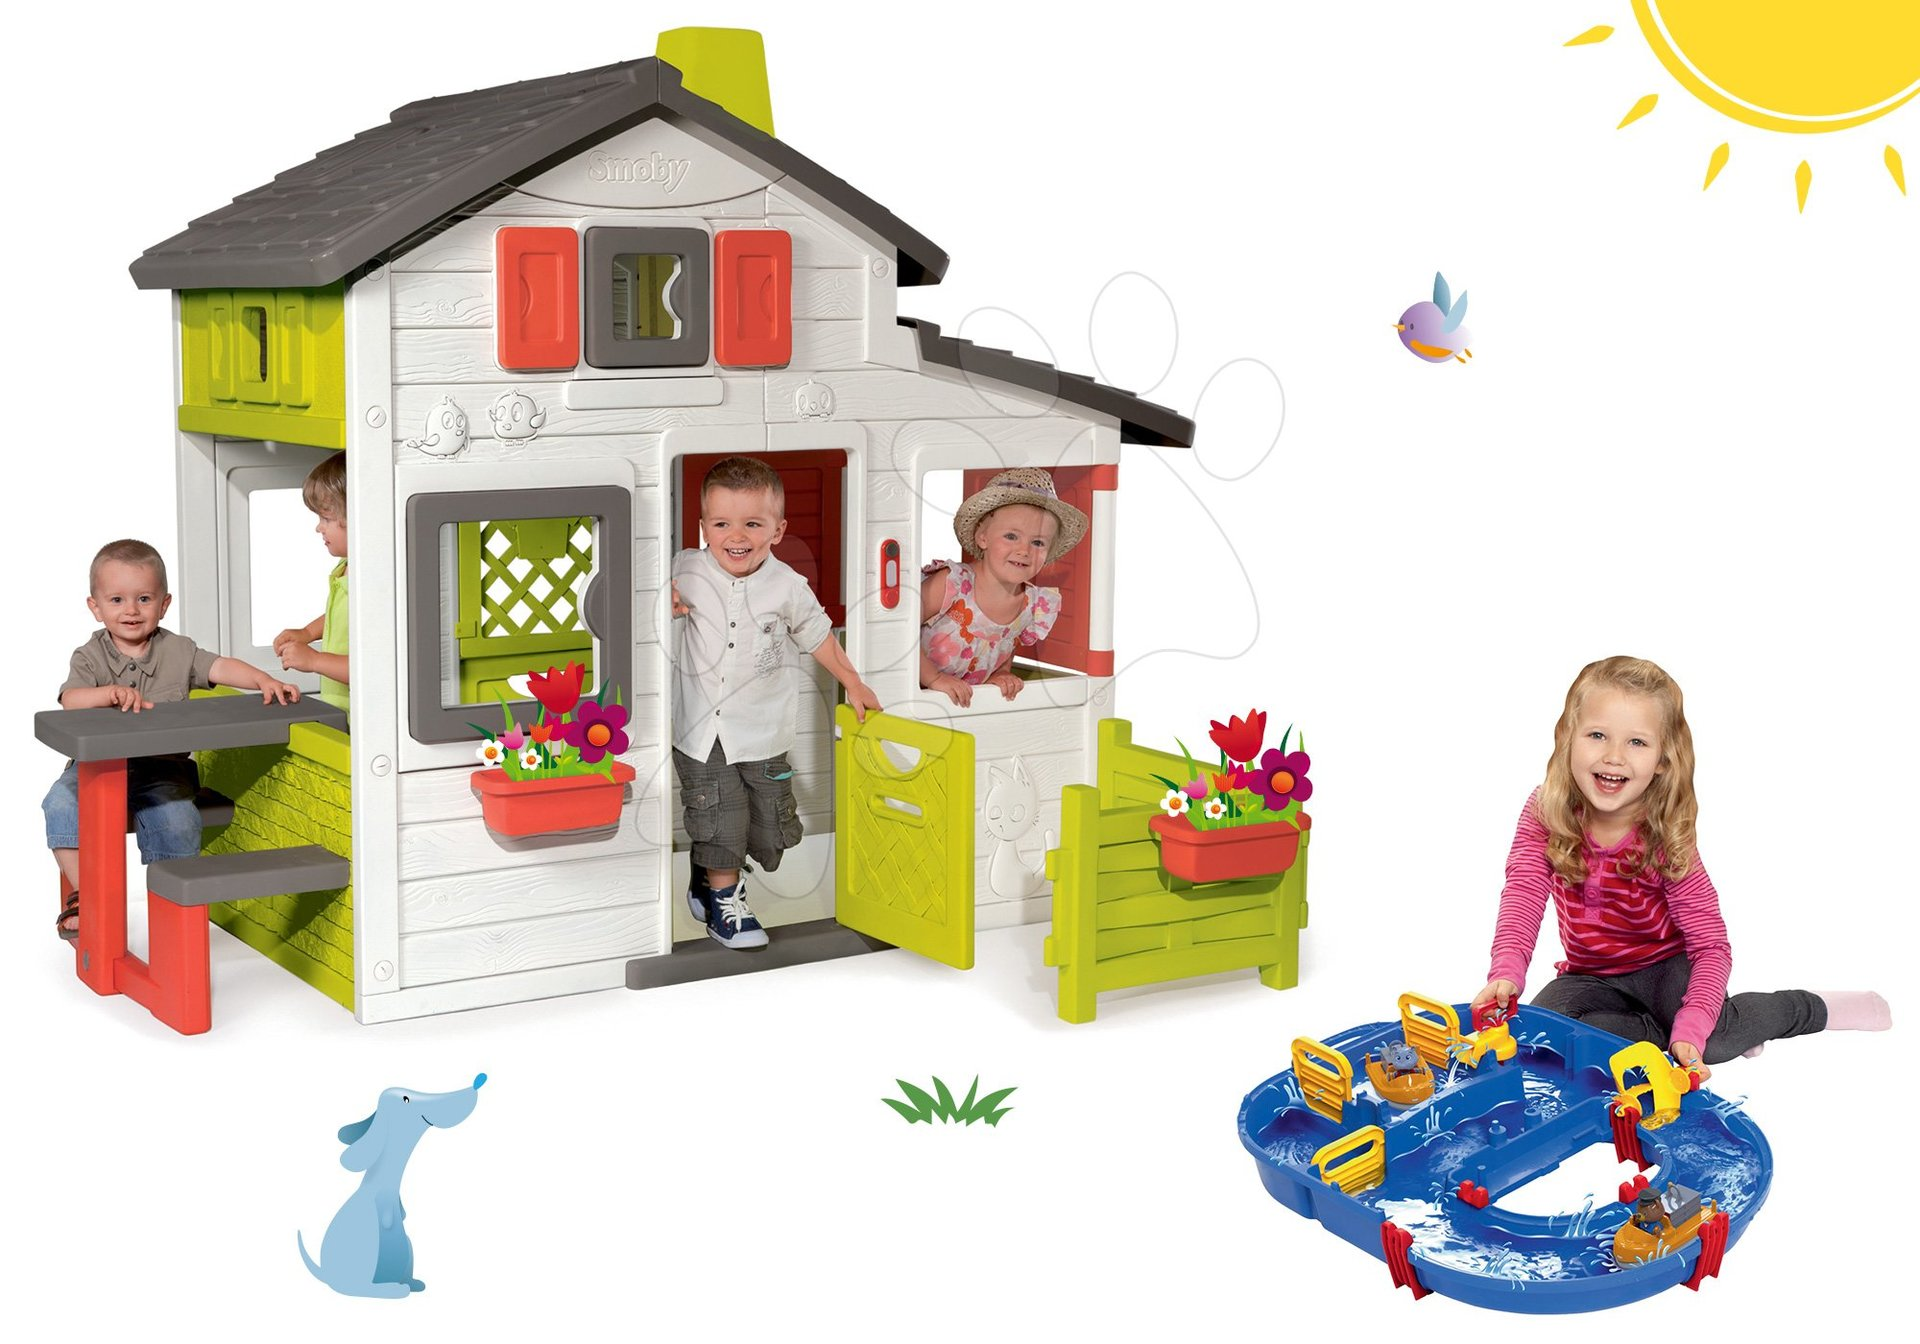 Smoby set domček Priateľov s predzáhradkou a vodná dráha AquaPlay s priehradou a vodnou pumpou ako darček 310209-35